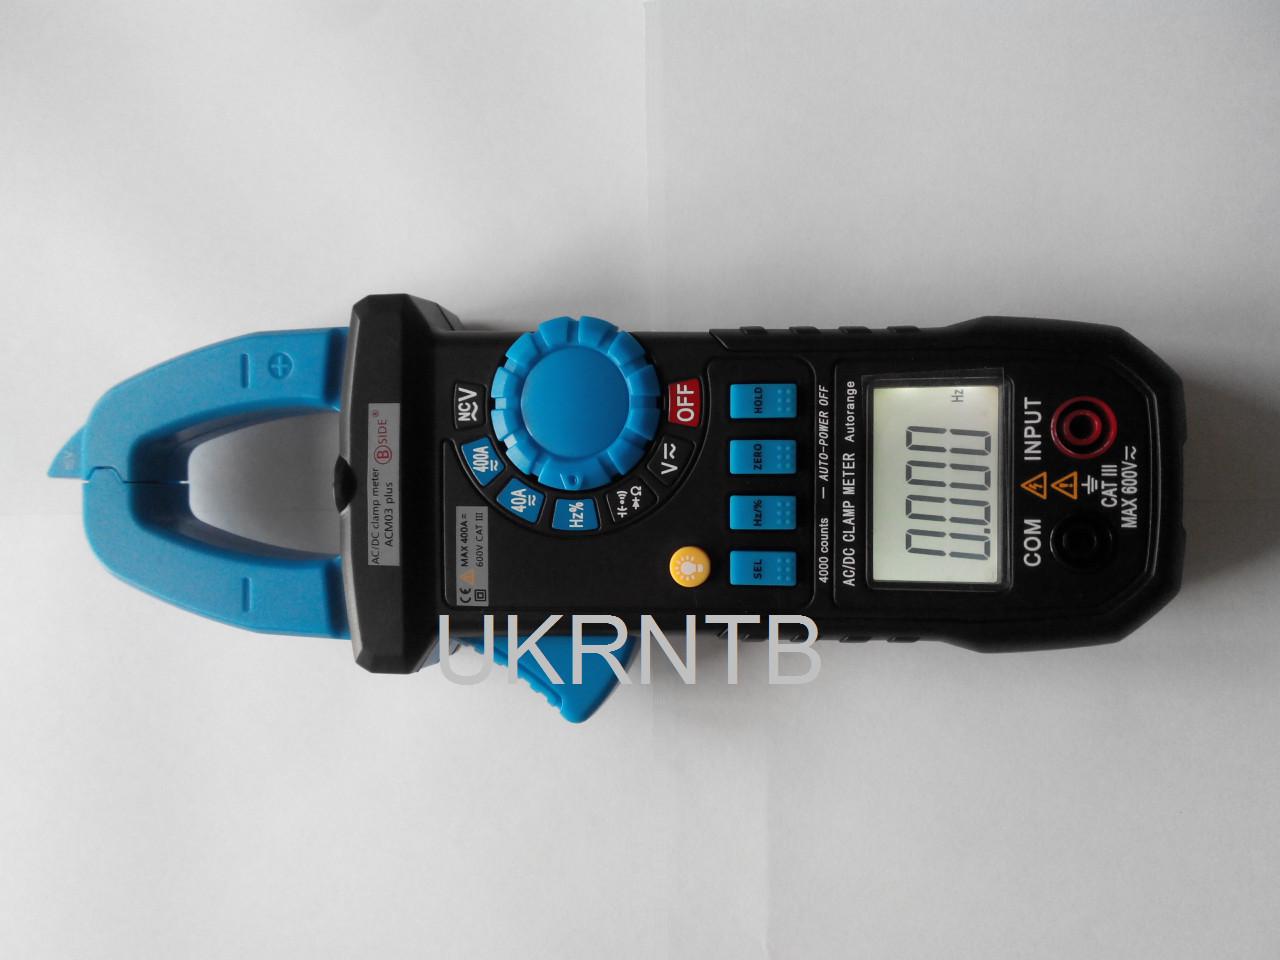 Струмові кліщі / Струмовимірювальні кліщі (постійний струм, ліхтарик, NCV) 0,01-400 А